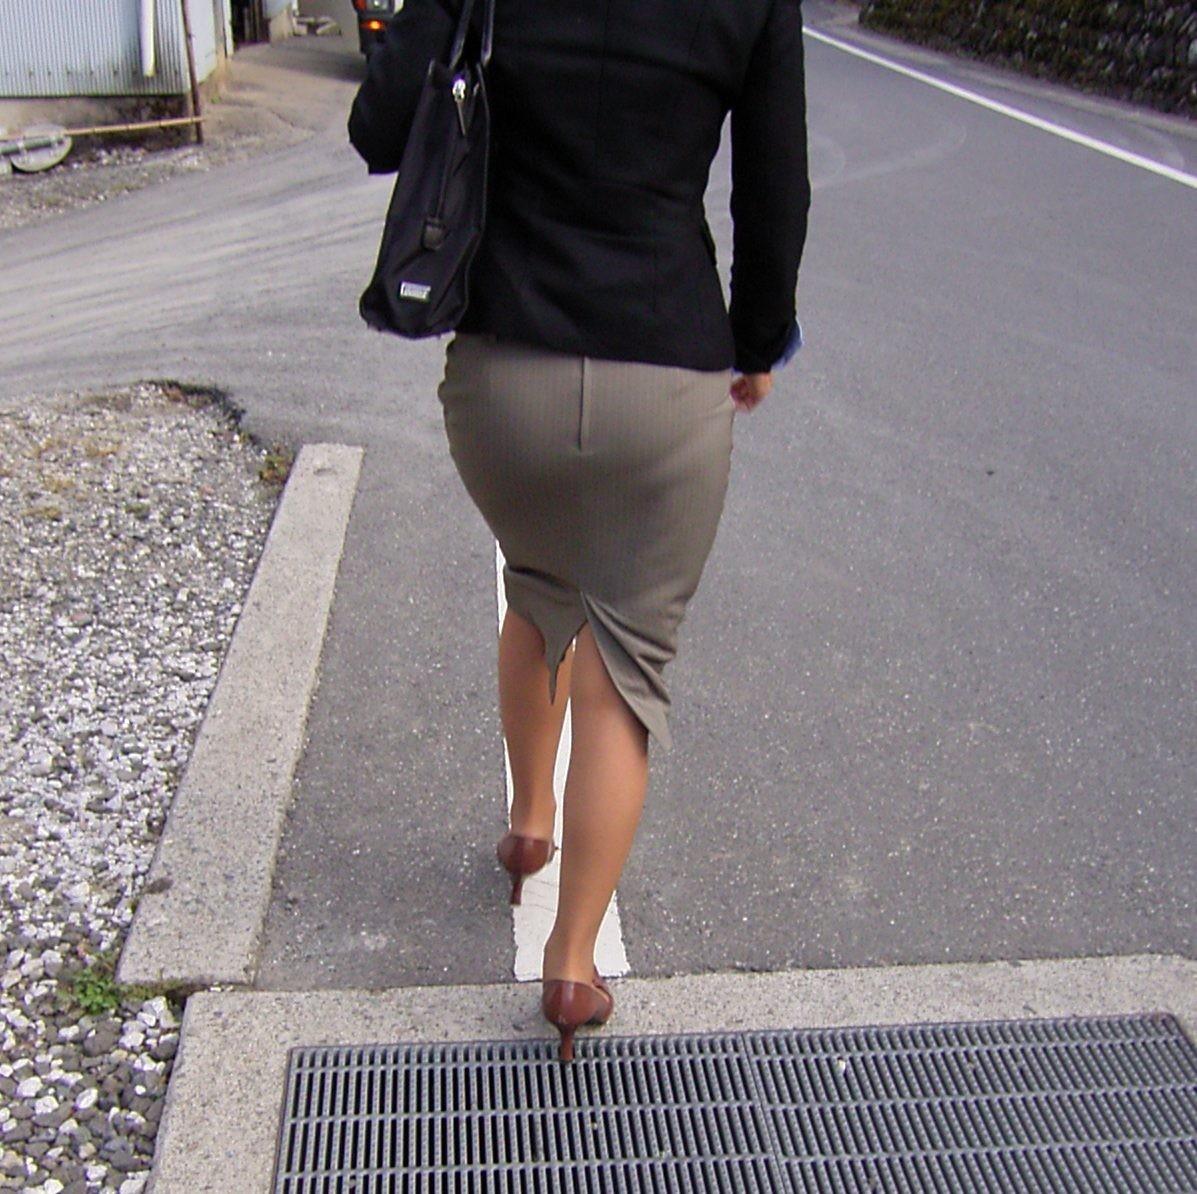 【着尻エロ画像】生で見なくとも十分!形も大きさも明確な街のお尻www 11